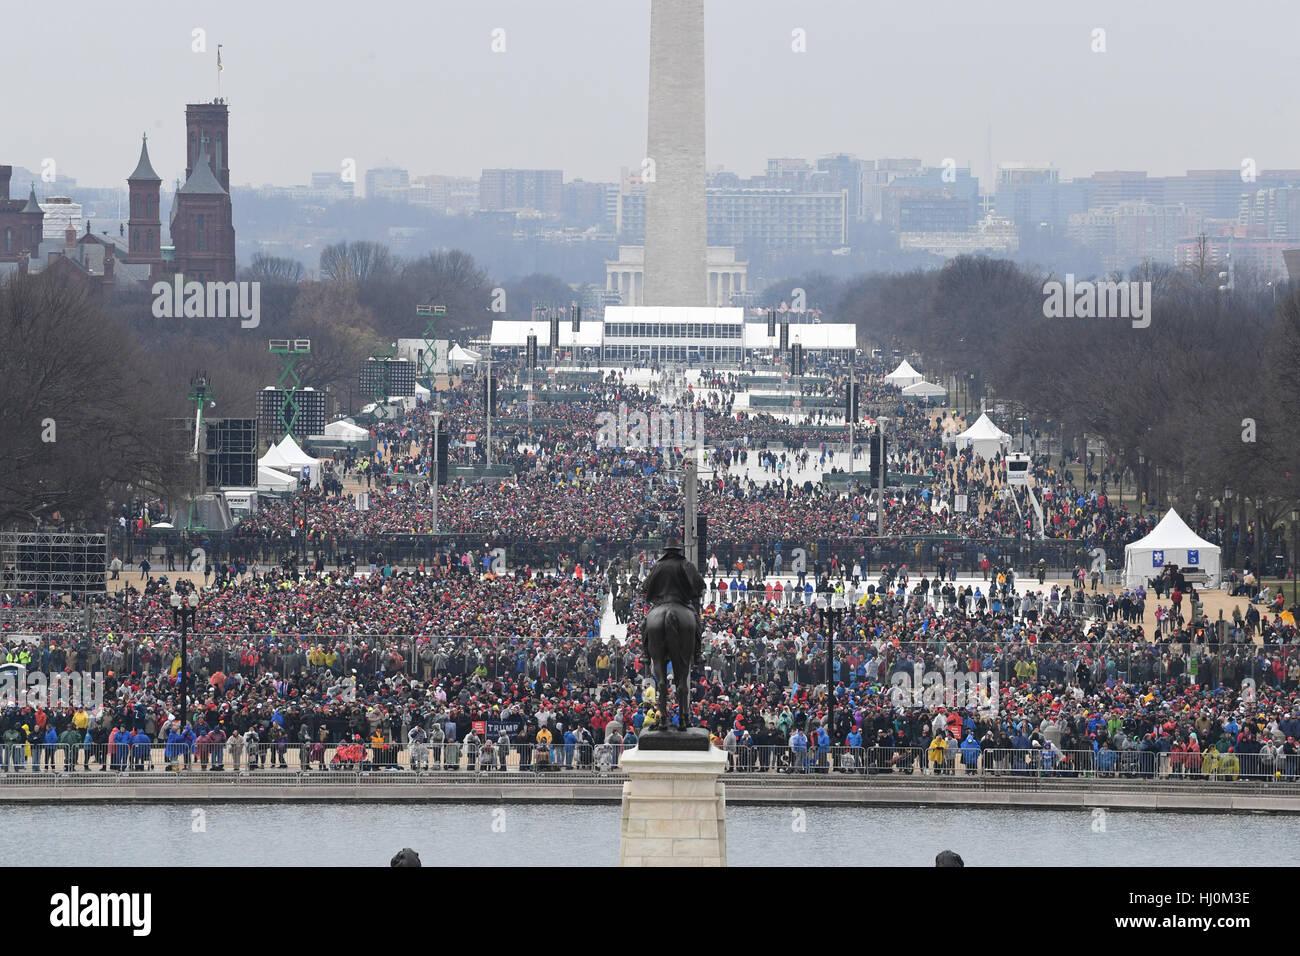 Spectateurs remplir au National Mall à assister à l'investiture du président Donald Trump le 20 janvier 2017 à Washington, Banque D'Images